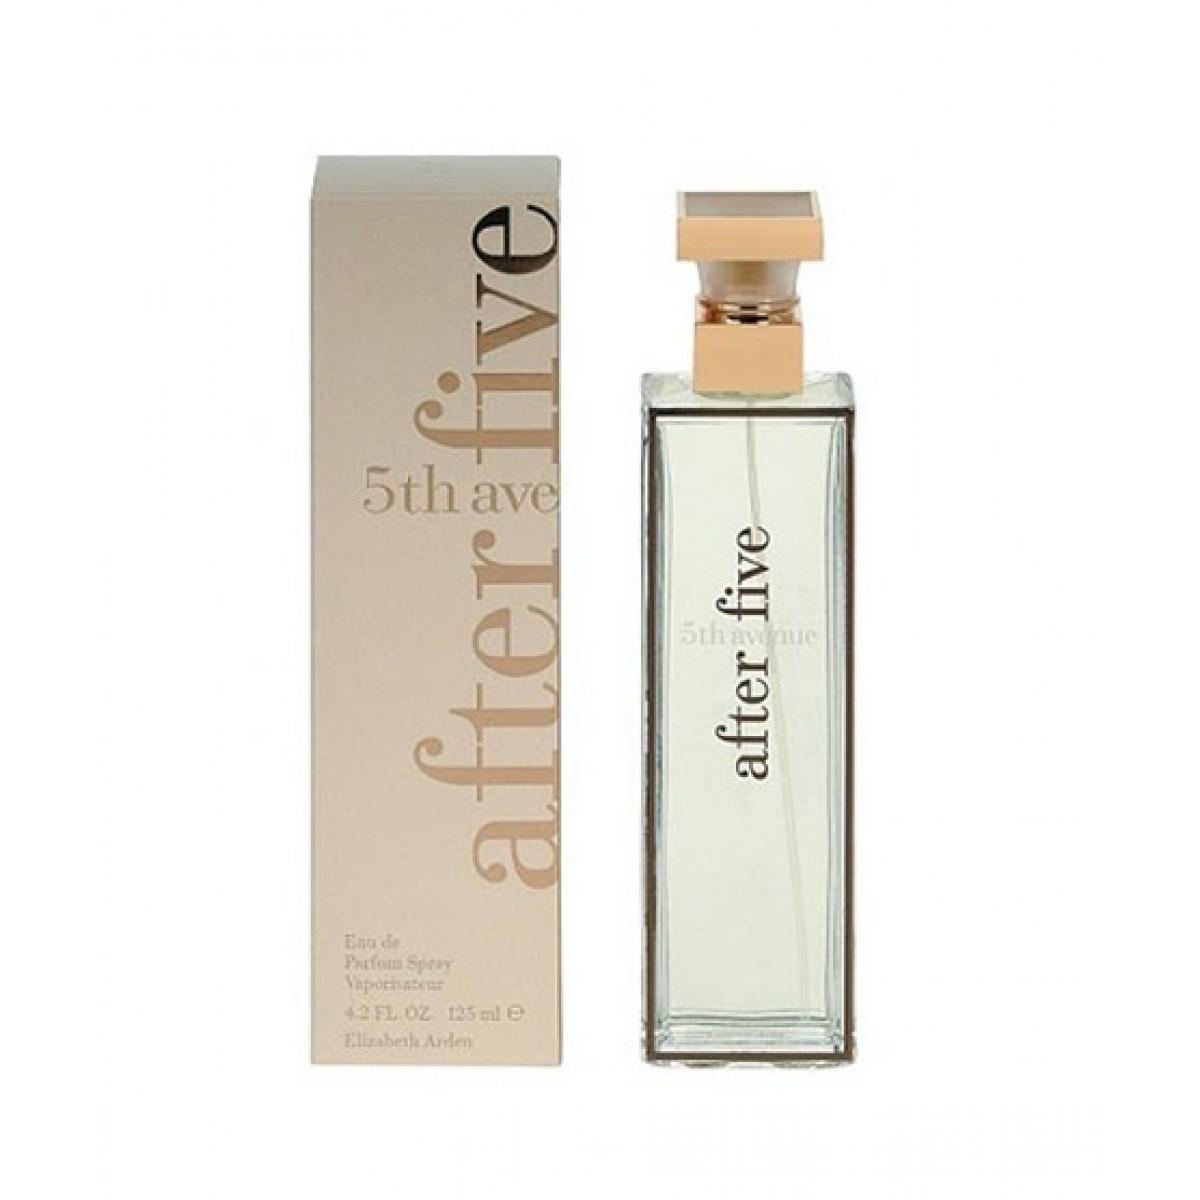 5262ff6d3 Elizabeth Arden 5th Avenue After Five Eau De Parfum Price in Pakistan | Buy Elizabeth  Arden Eau De Parfum For Women 125ml | iShopping.pk